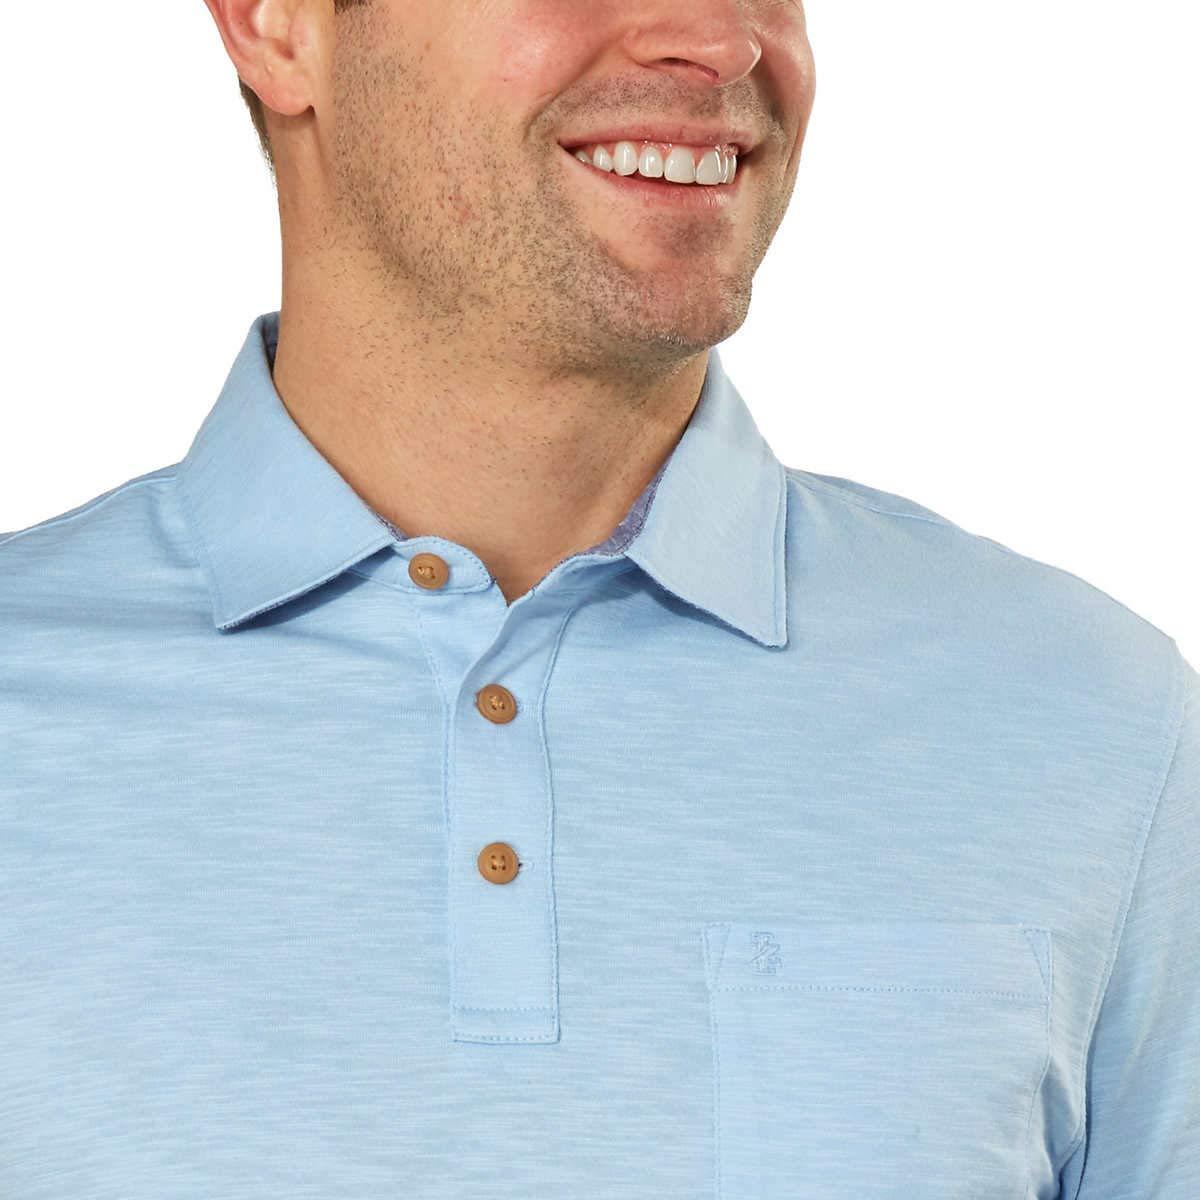 IZOD Mens Polo Shirts Short Sleeve Cotton Slub Casual Shirt